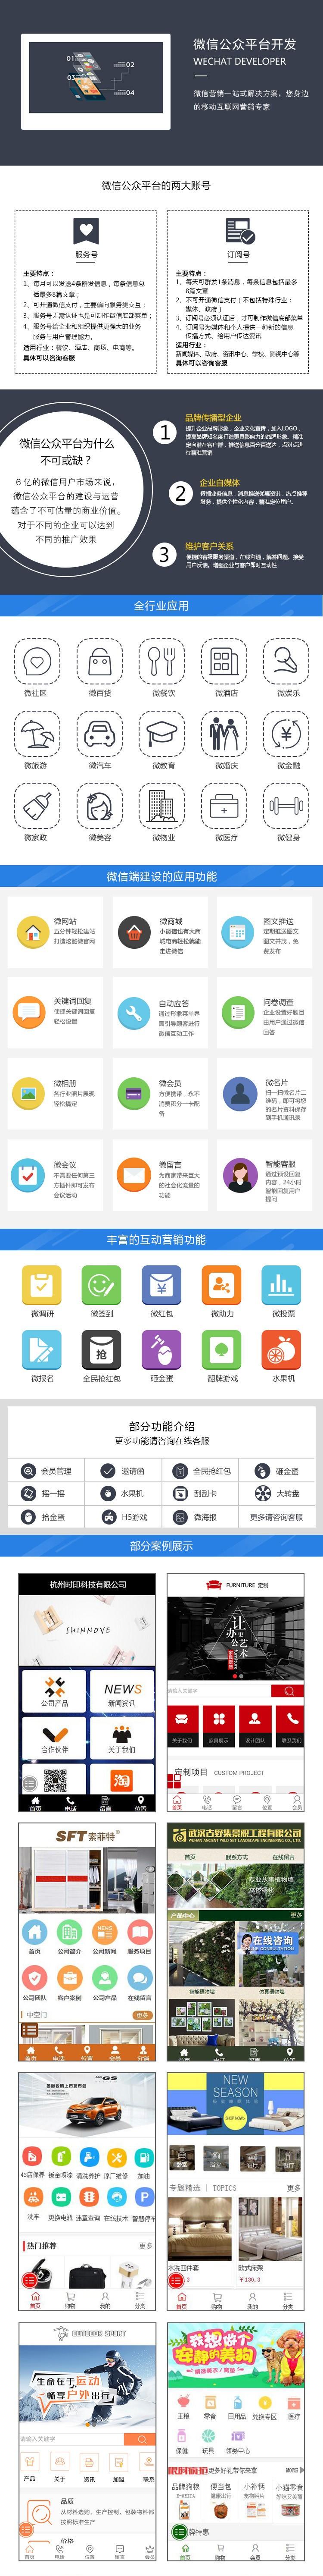 微信公众号开发1.jpg